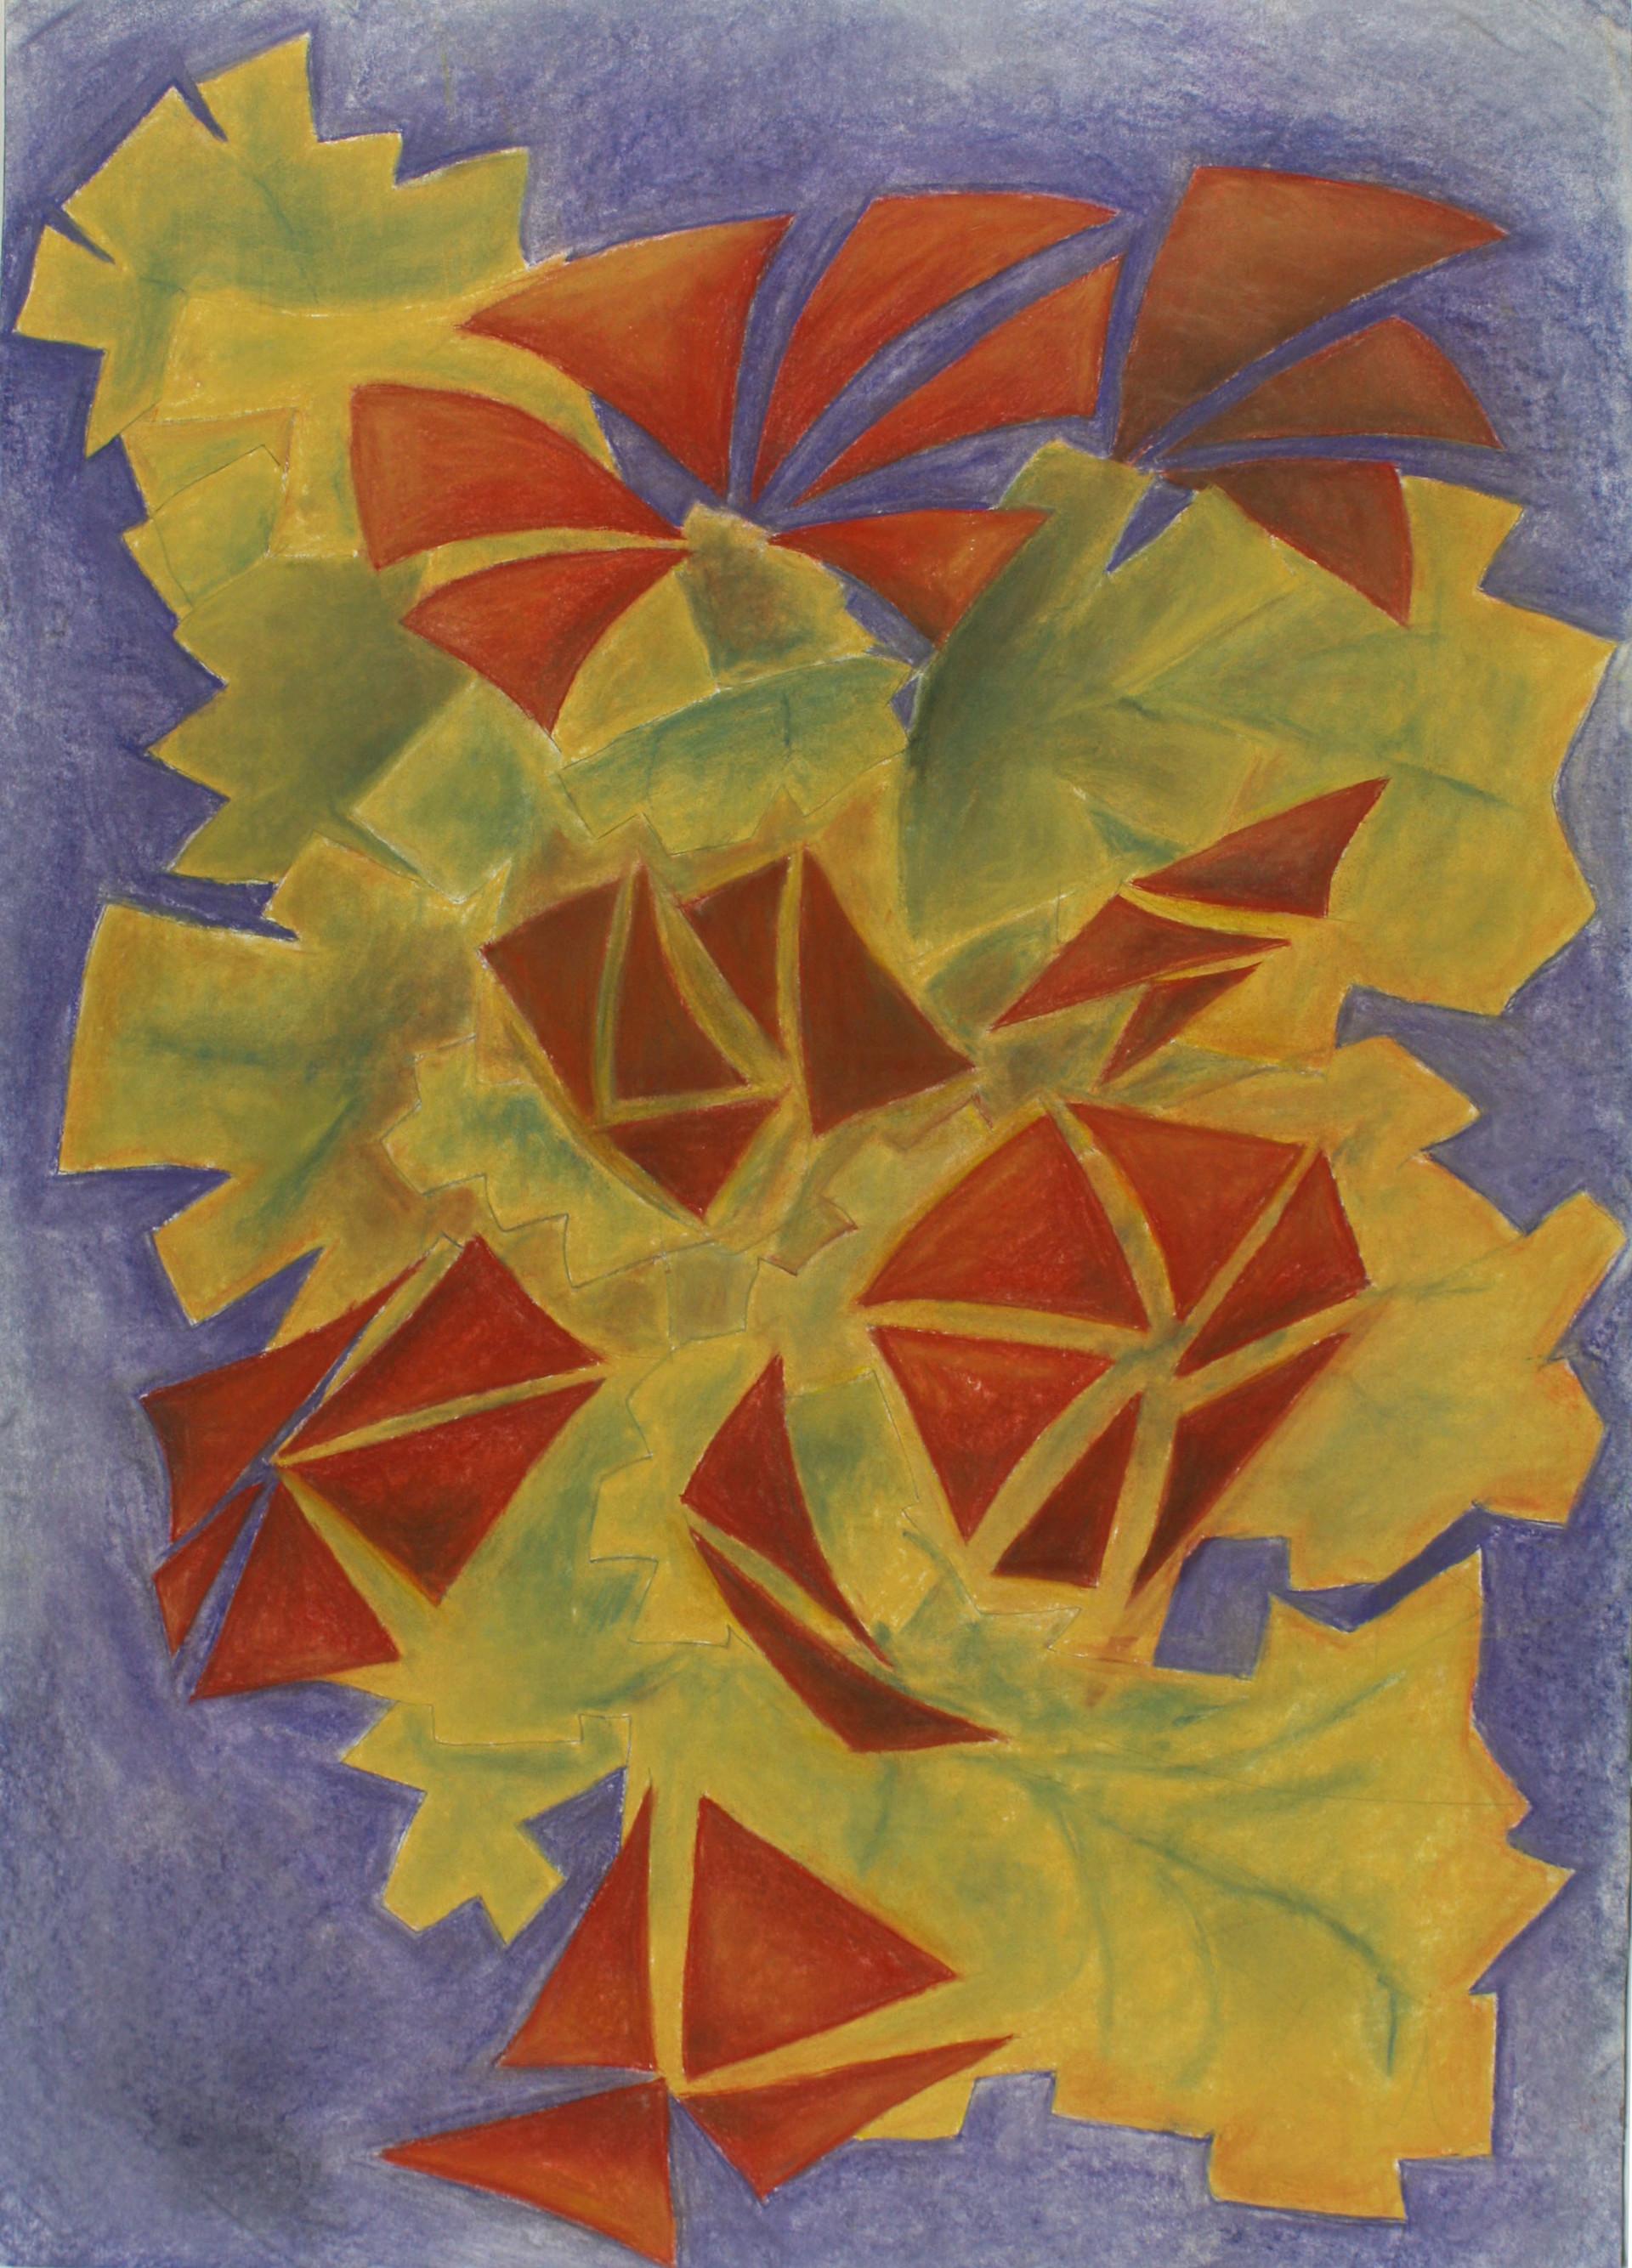 Clint bone abstractflower spr2014 chalkpastel